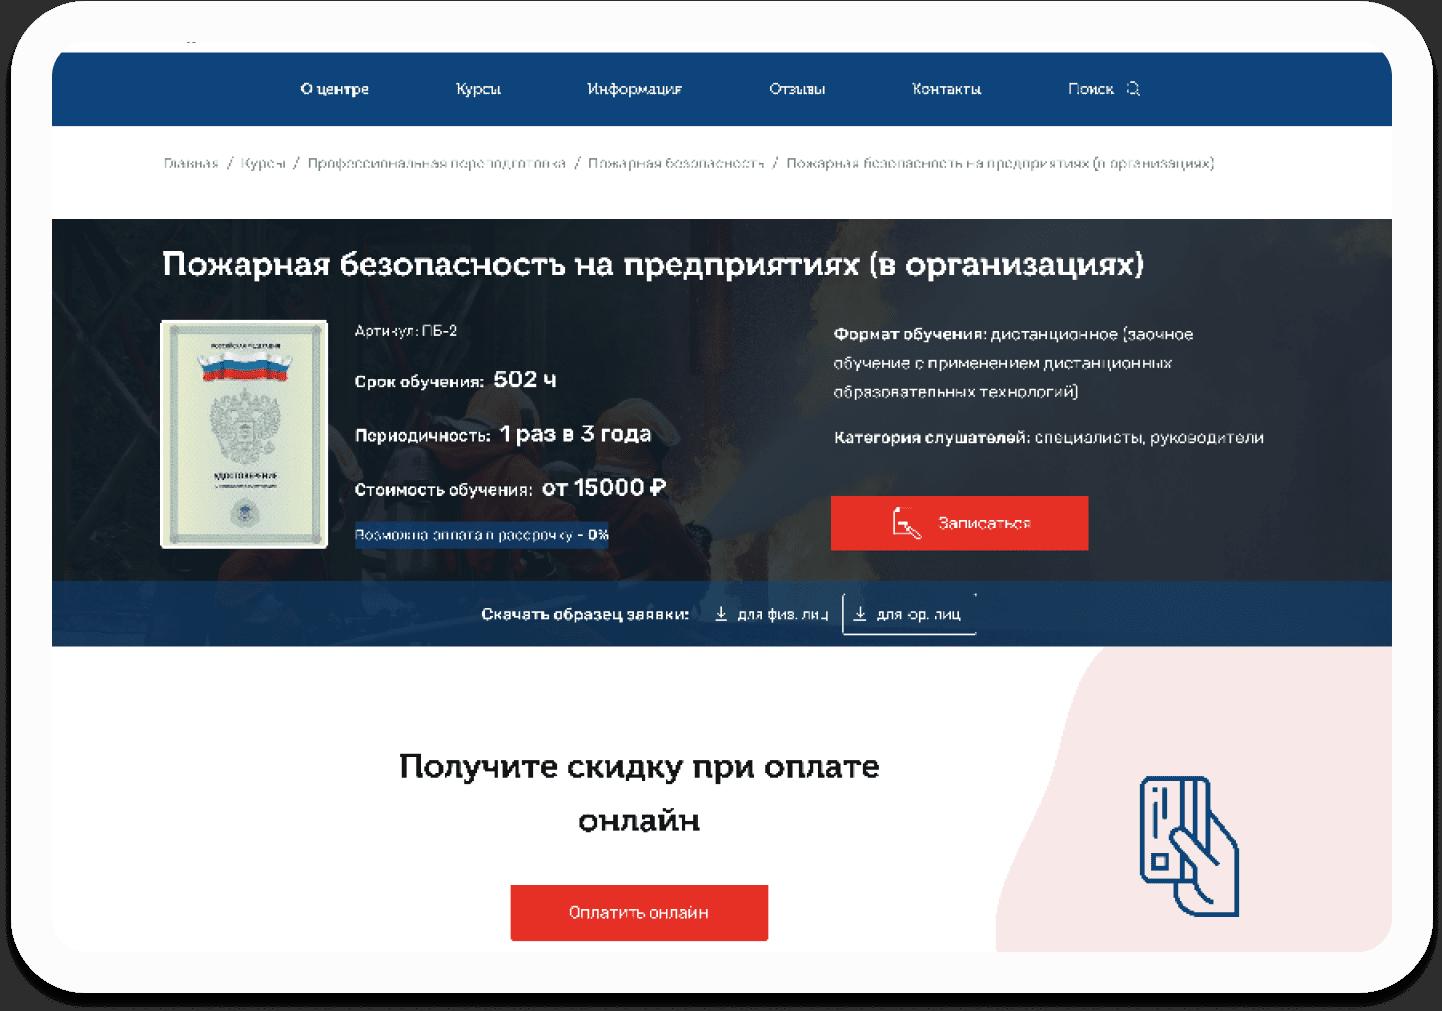 Новый сайт для центра повышения квалификации и обучения «ЕЦПК» - https://ецпк.рф/